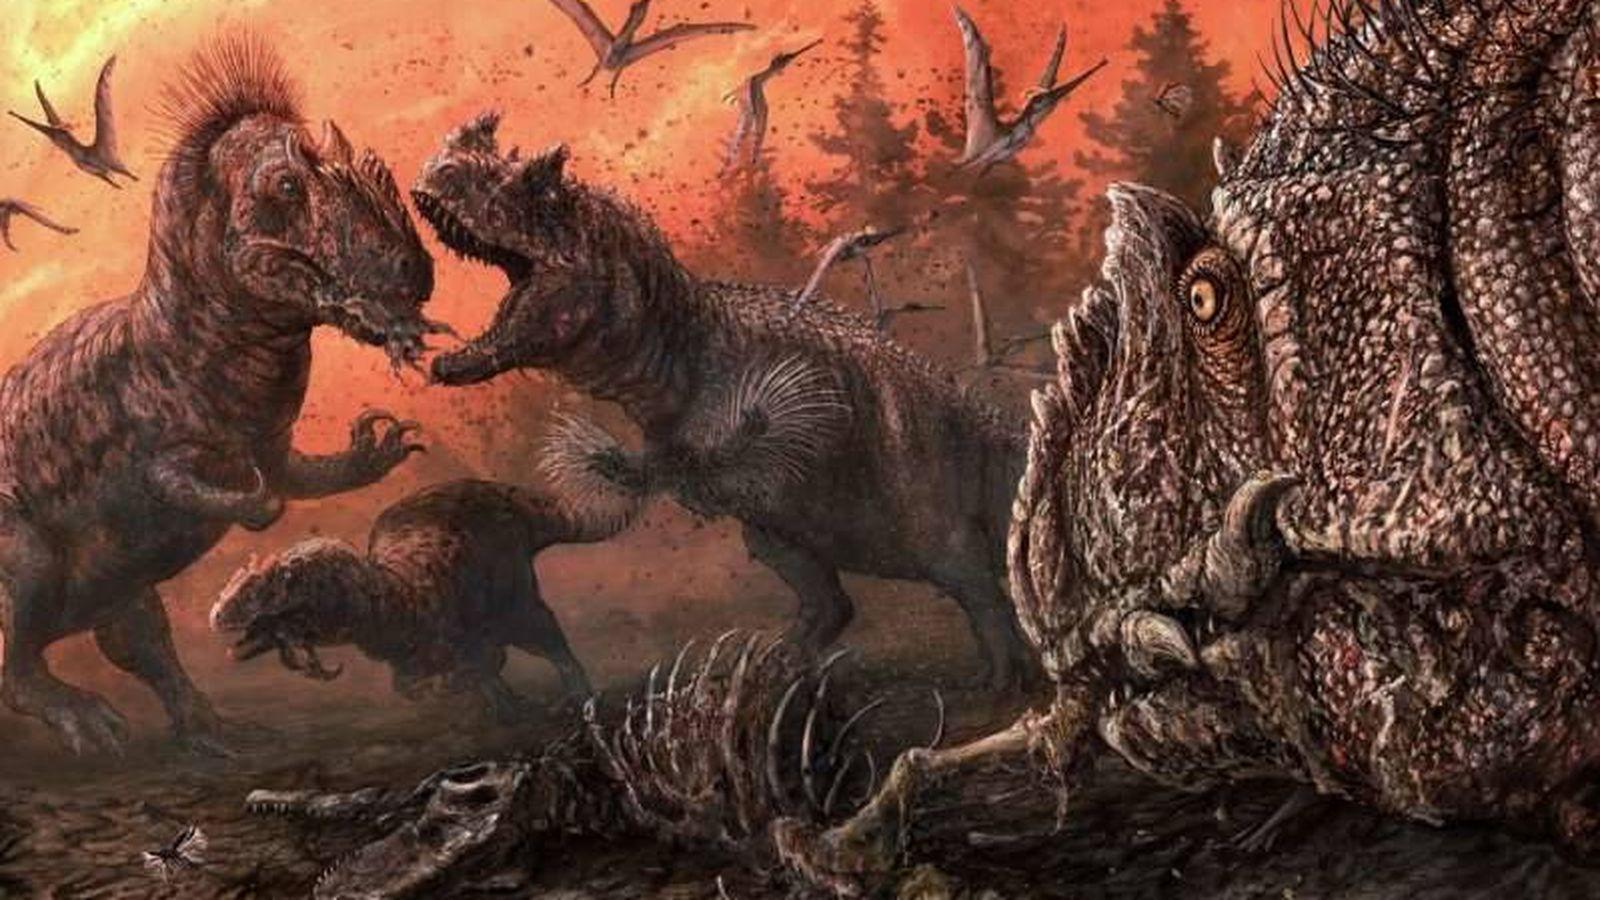 Animales Un Estudio Revela Que Los Dinosaurios Eran Canibales En Epocas De Crisis © 2020 cable news network. estudio revela que los dinosaurios eran